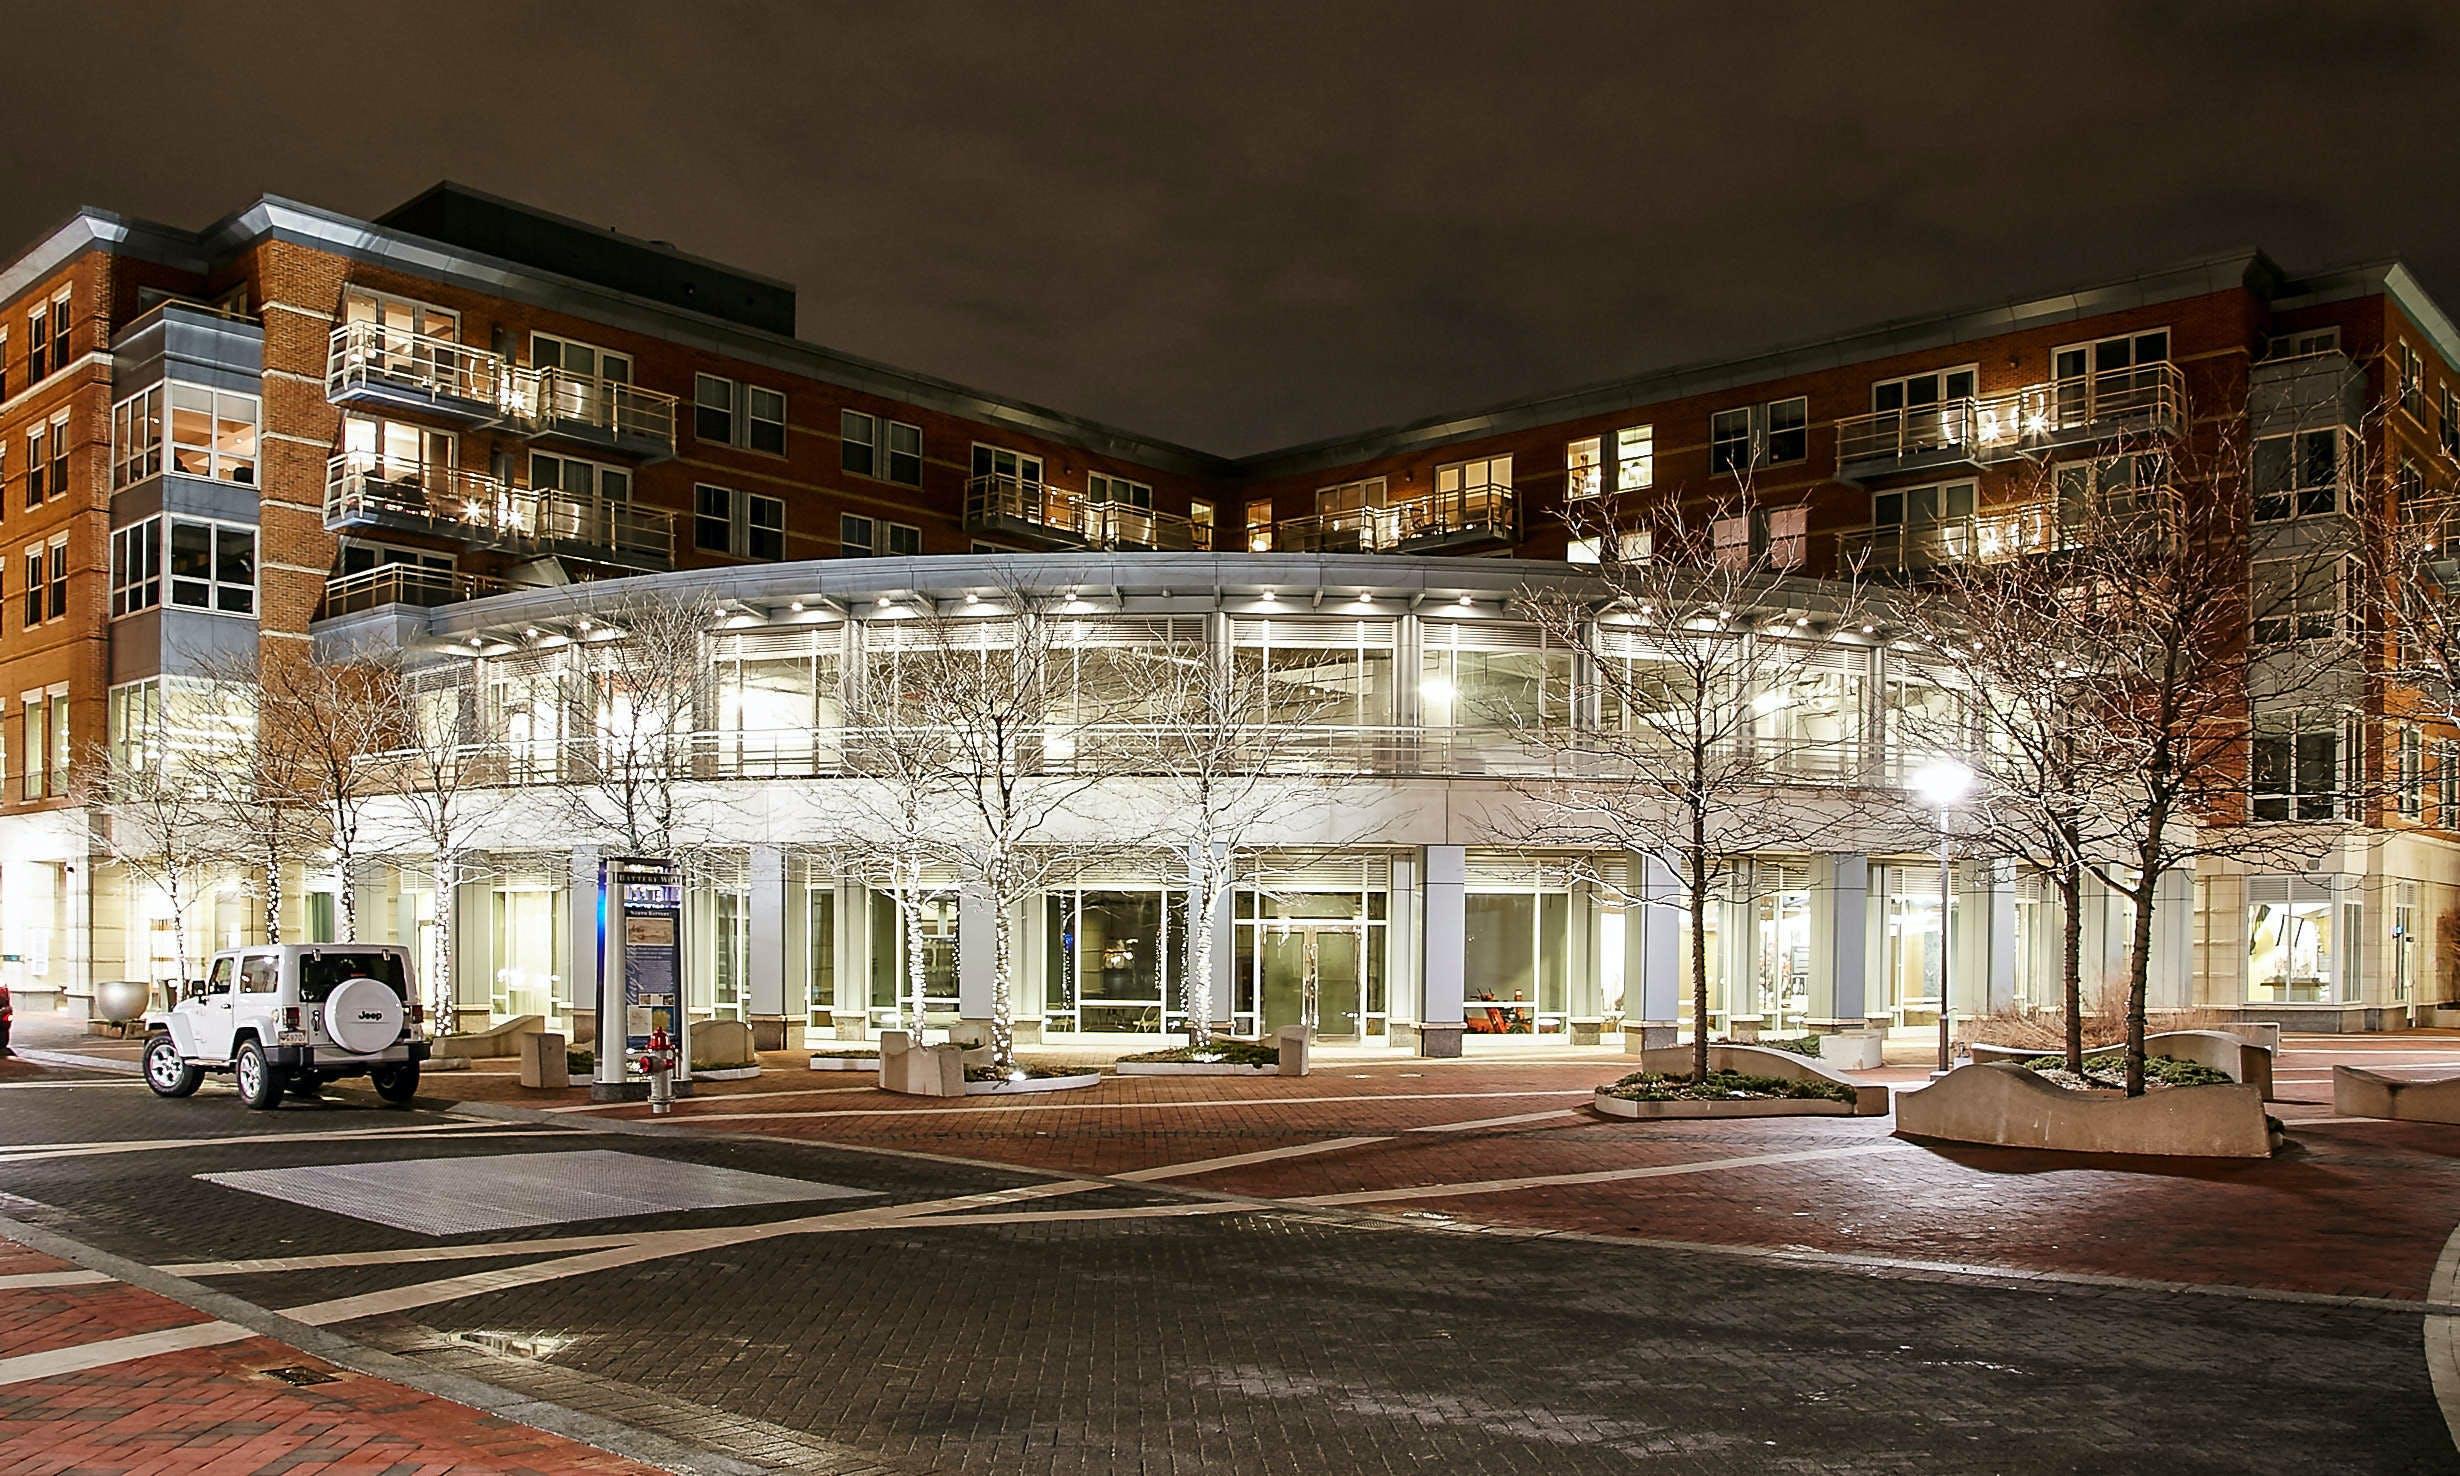 Last Minute Hotel Deals in Boston - HotelTonight